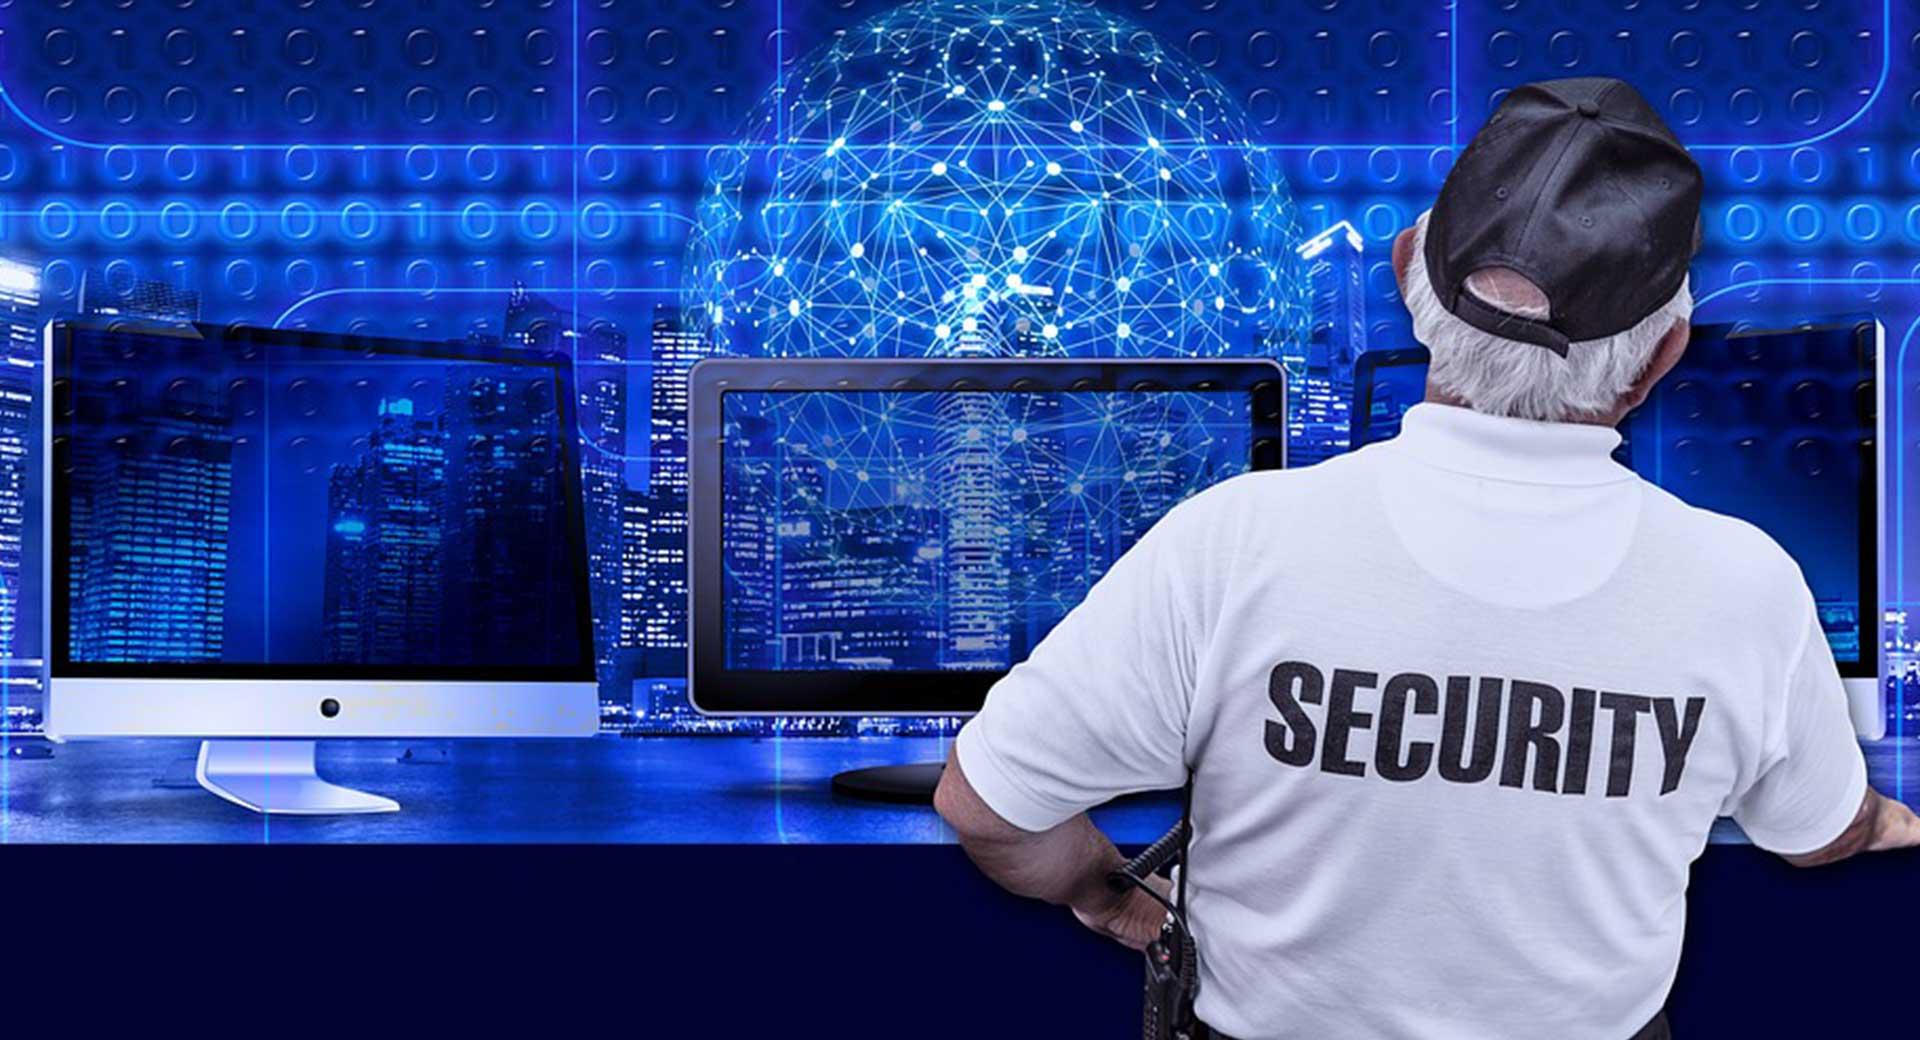 La demanda de profesionales en ciberseguridad se ha multiplicado x30 en la última década